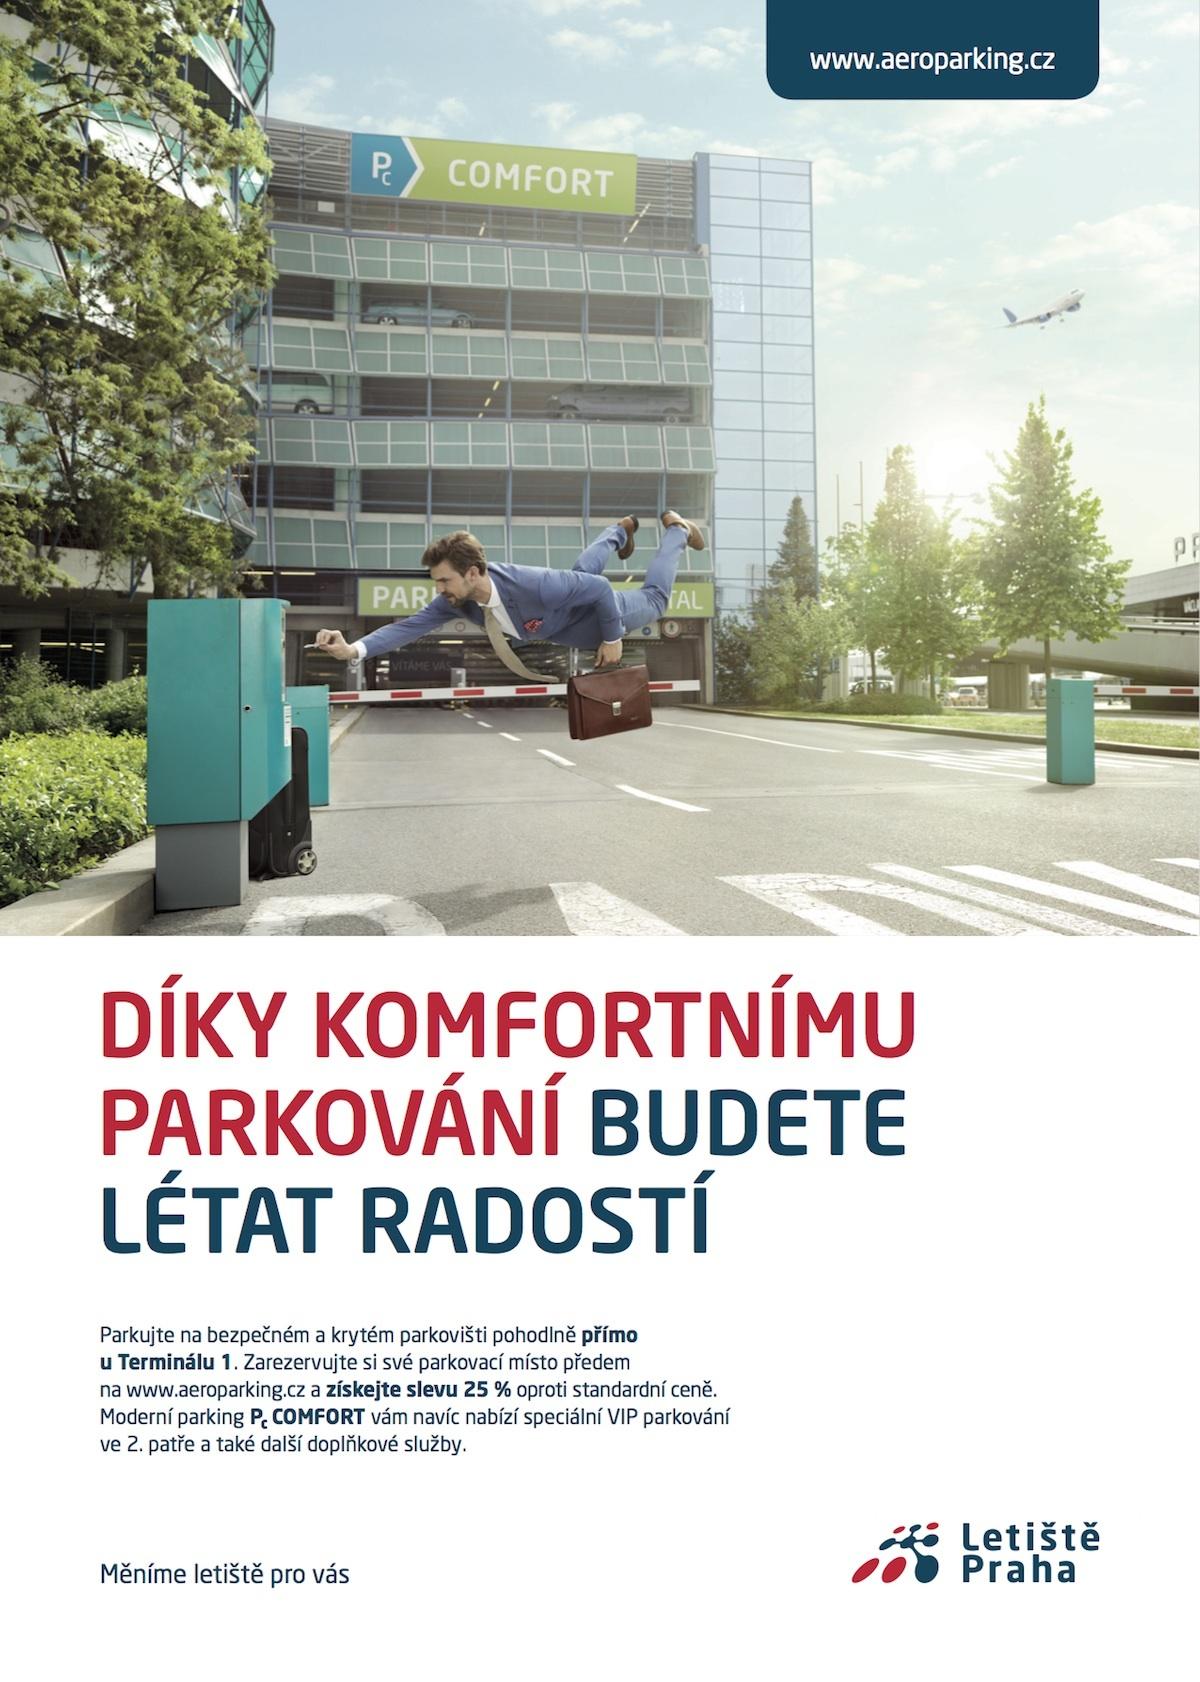 Plakát ke kampani Budete létat radostí